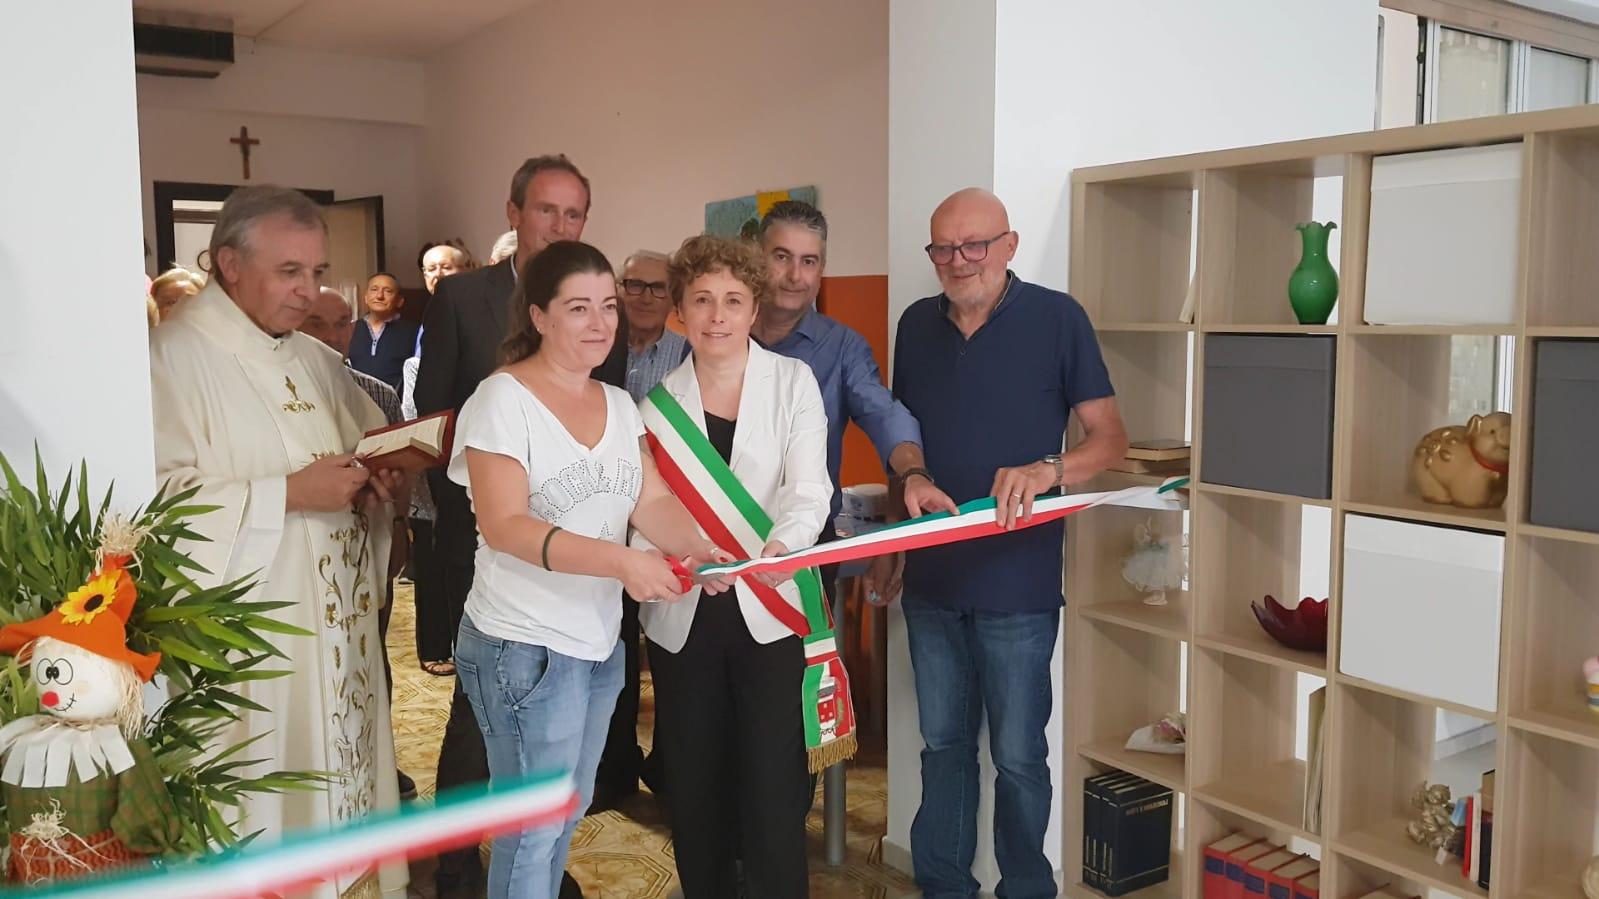 Festa S. Anna 2019 - Messa Inaugurazione (56)